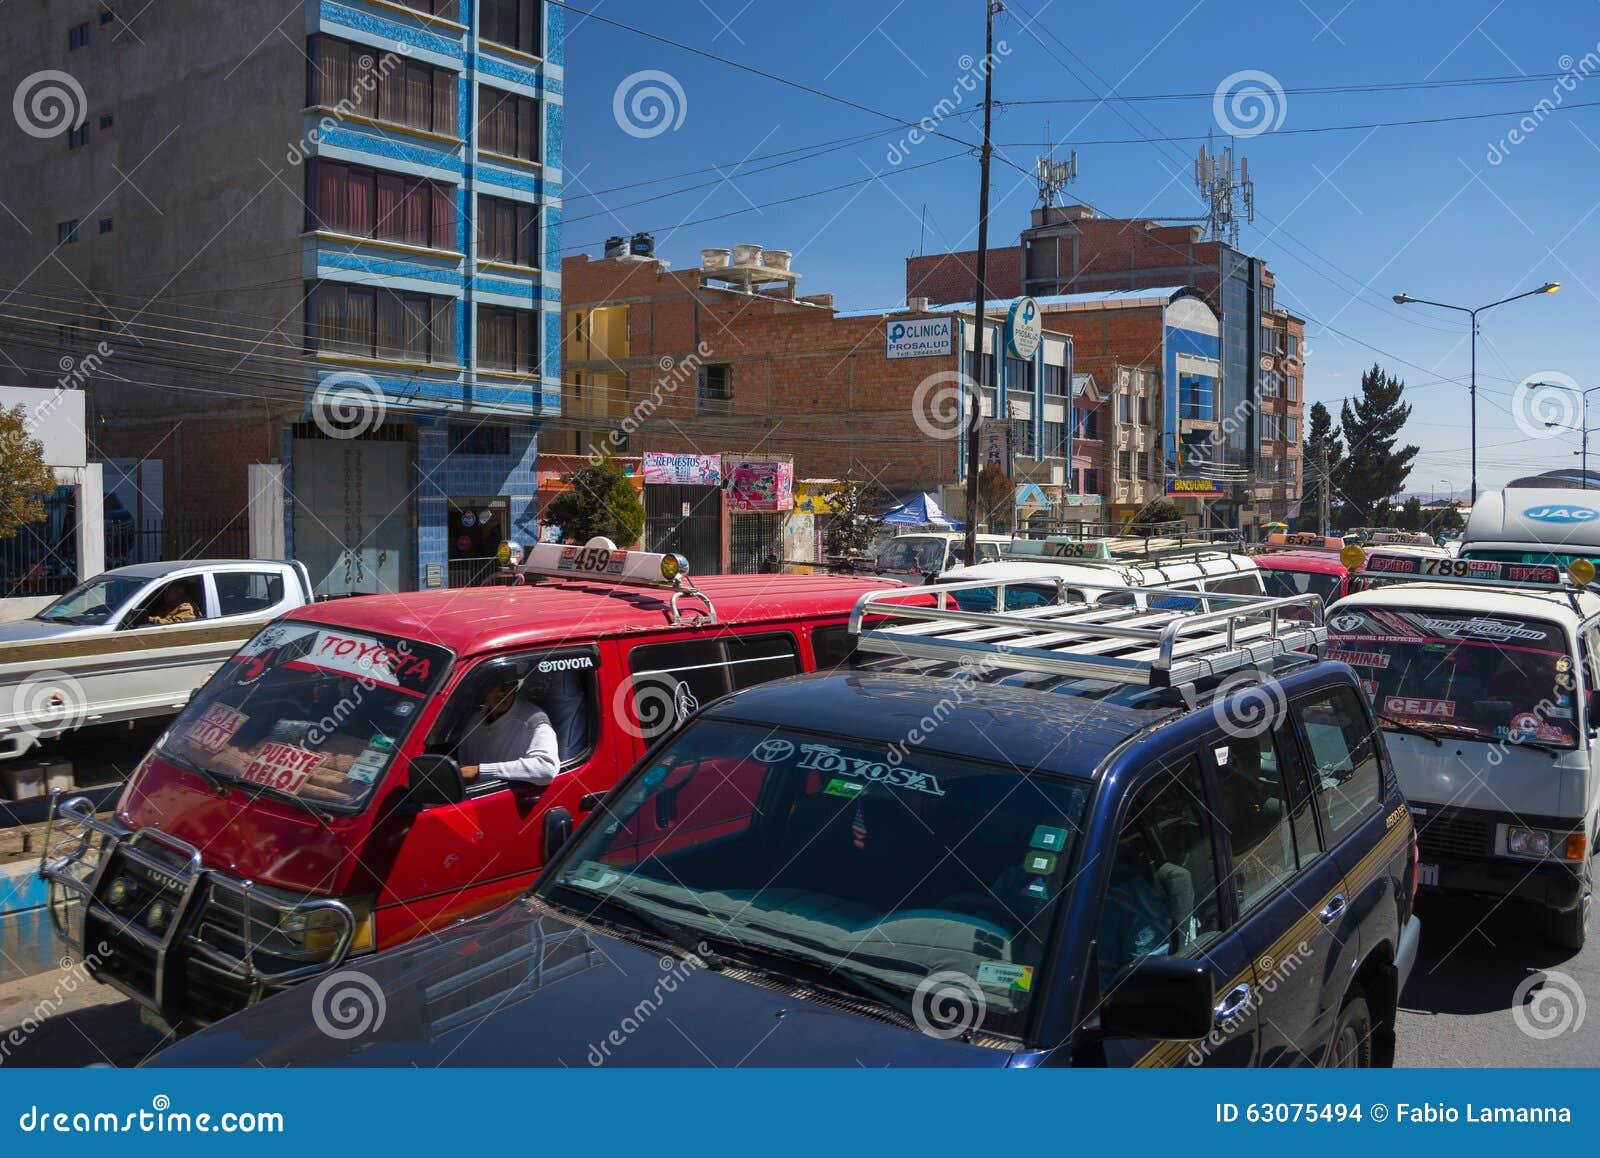 Download Embouteillage Dans Les Rues De La Paz, Bolivie Image stock éditorial - Image du piloter, métropolitain: 63075494